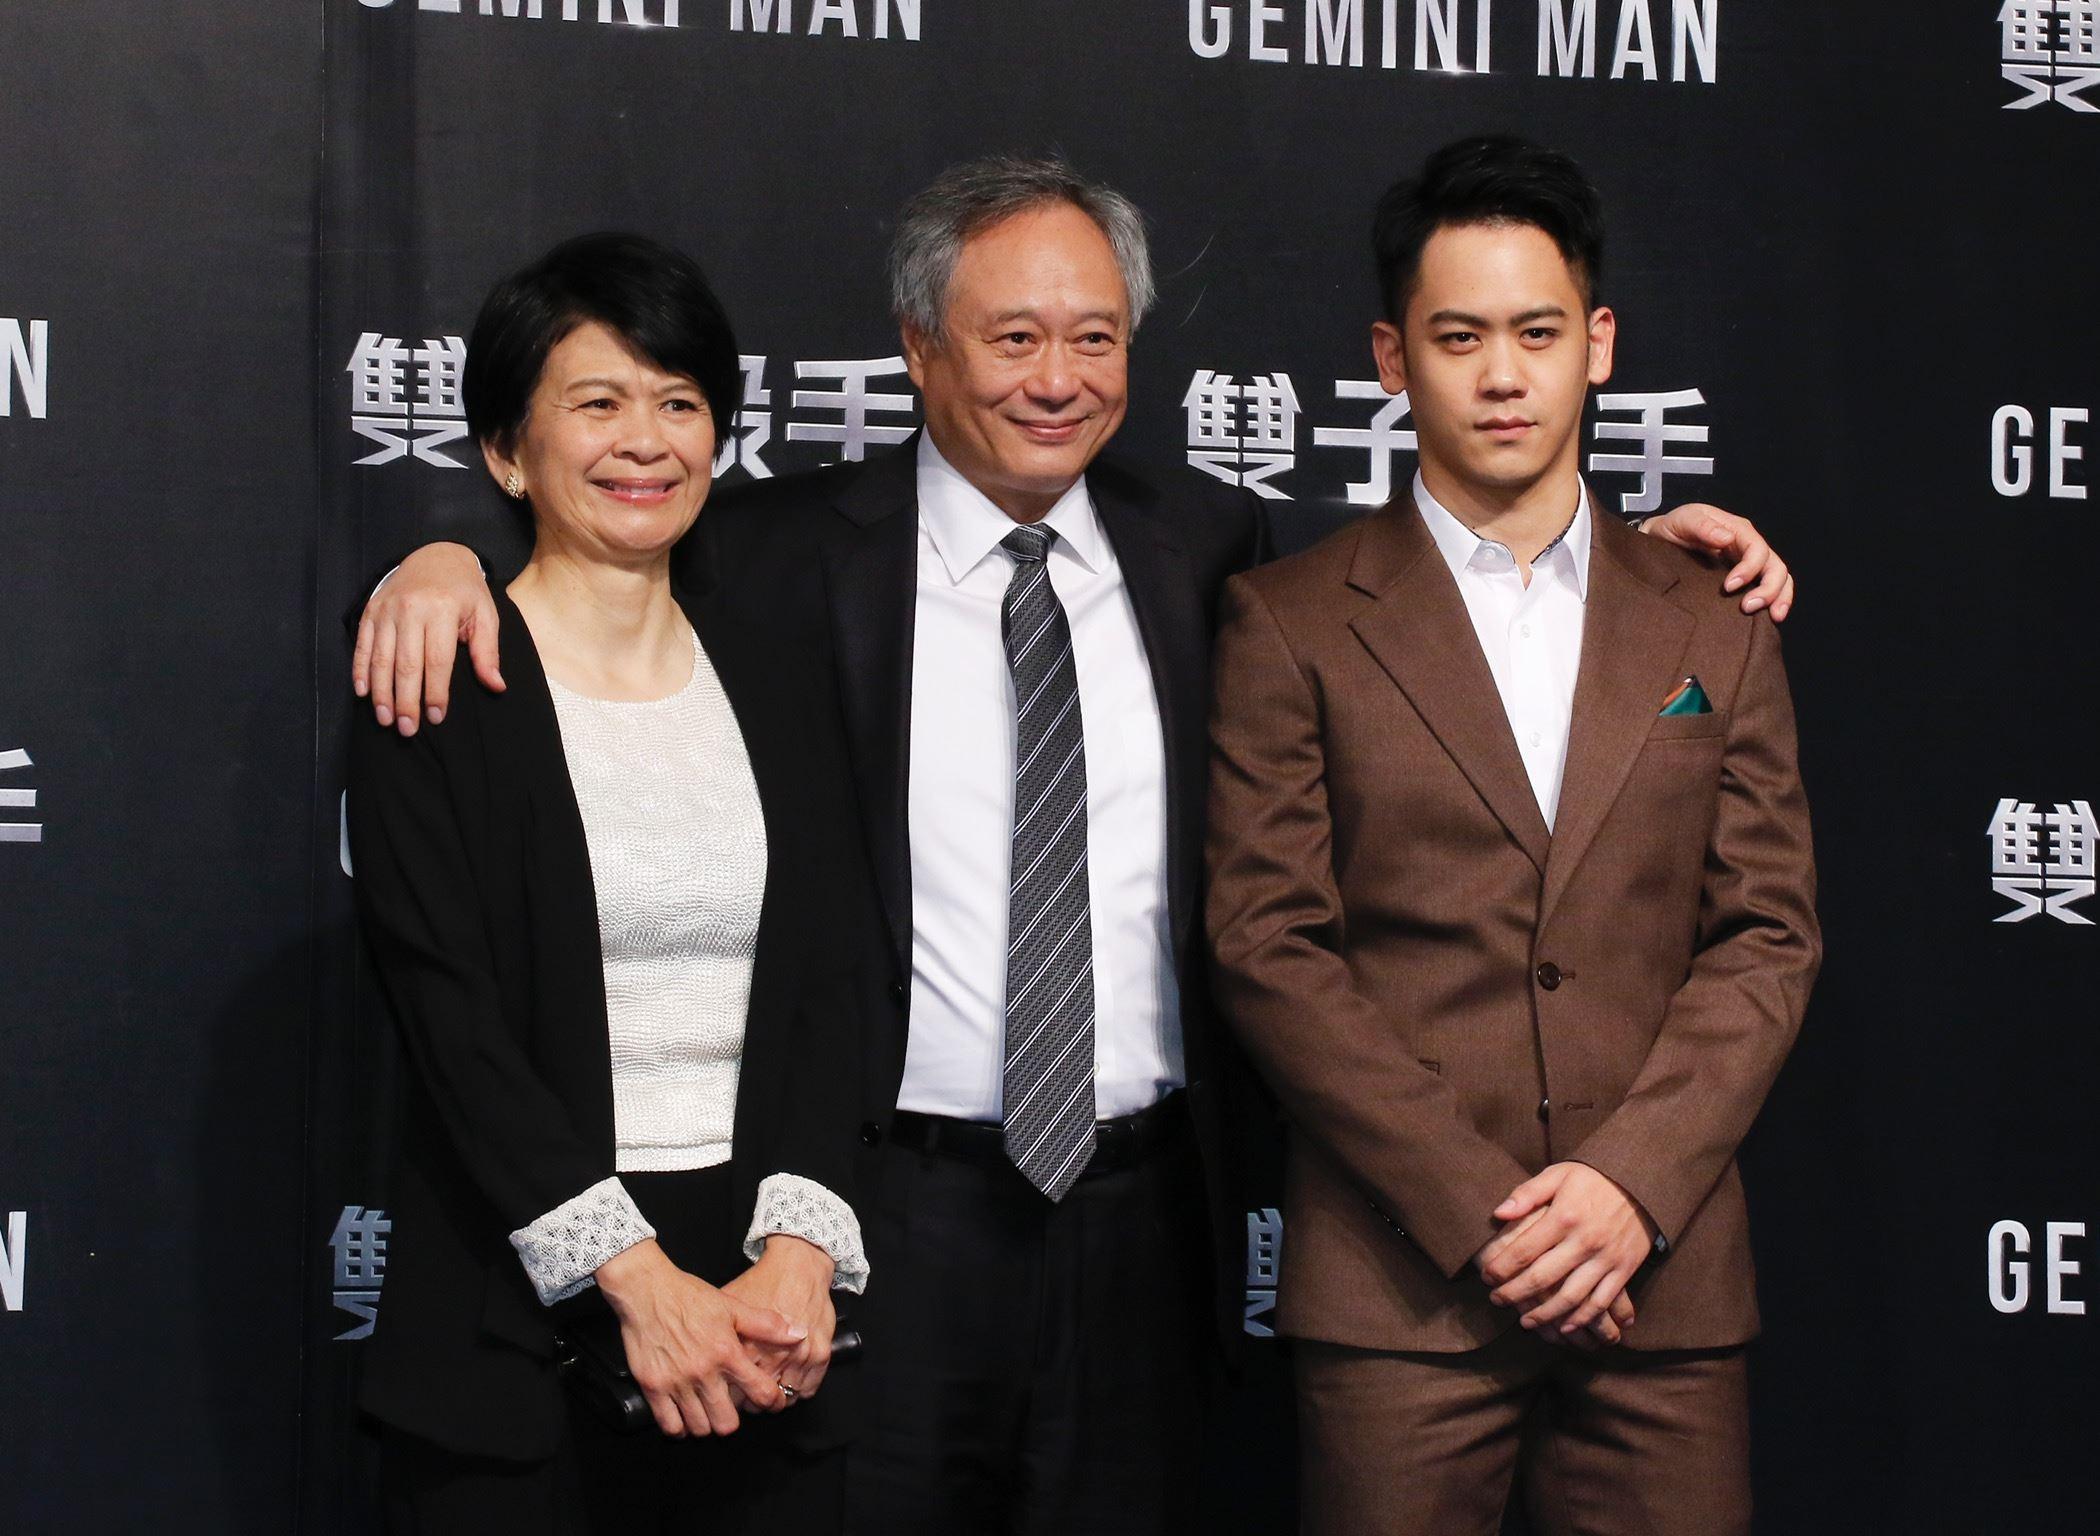 導演李安一家人出席《雙子殺手》台北首映會。(圖/記者林聖凱攝影)